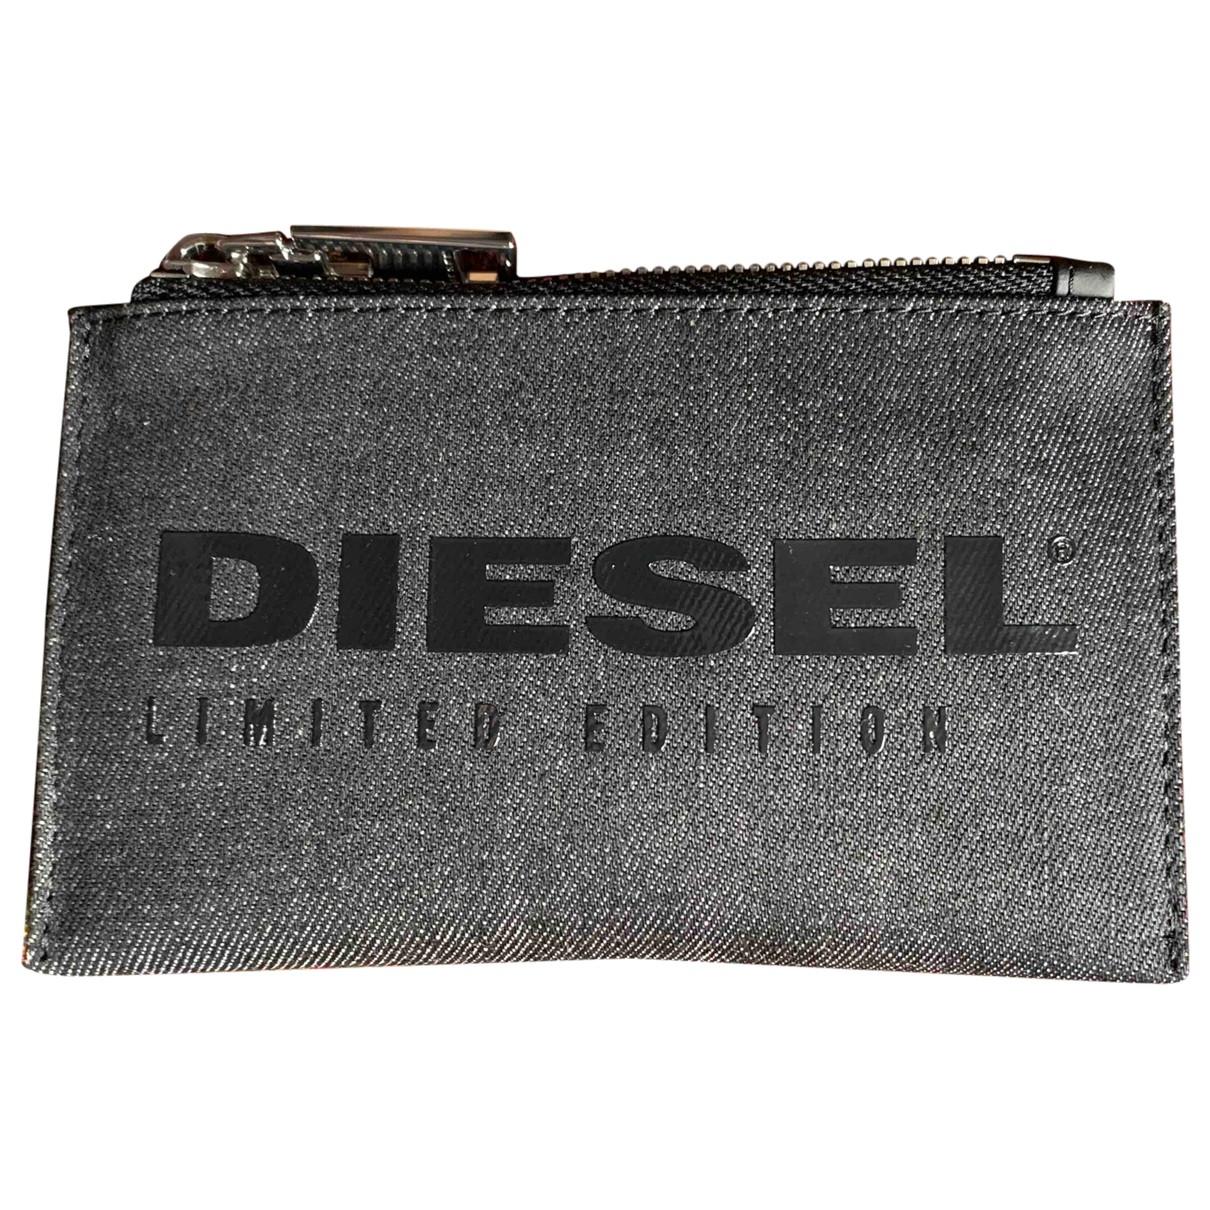 Diesel - Petite maroquinerie   pour homme en denim - bleu